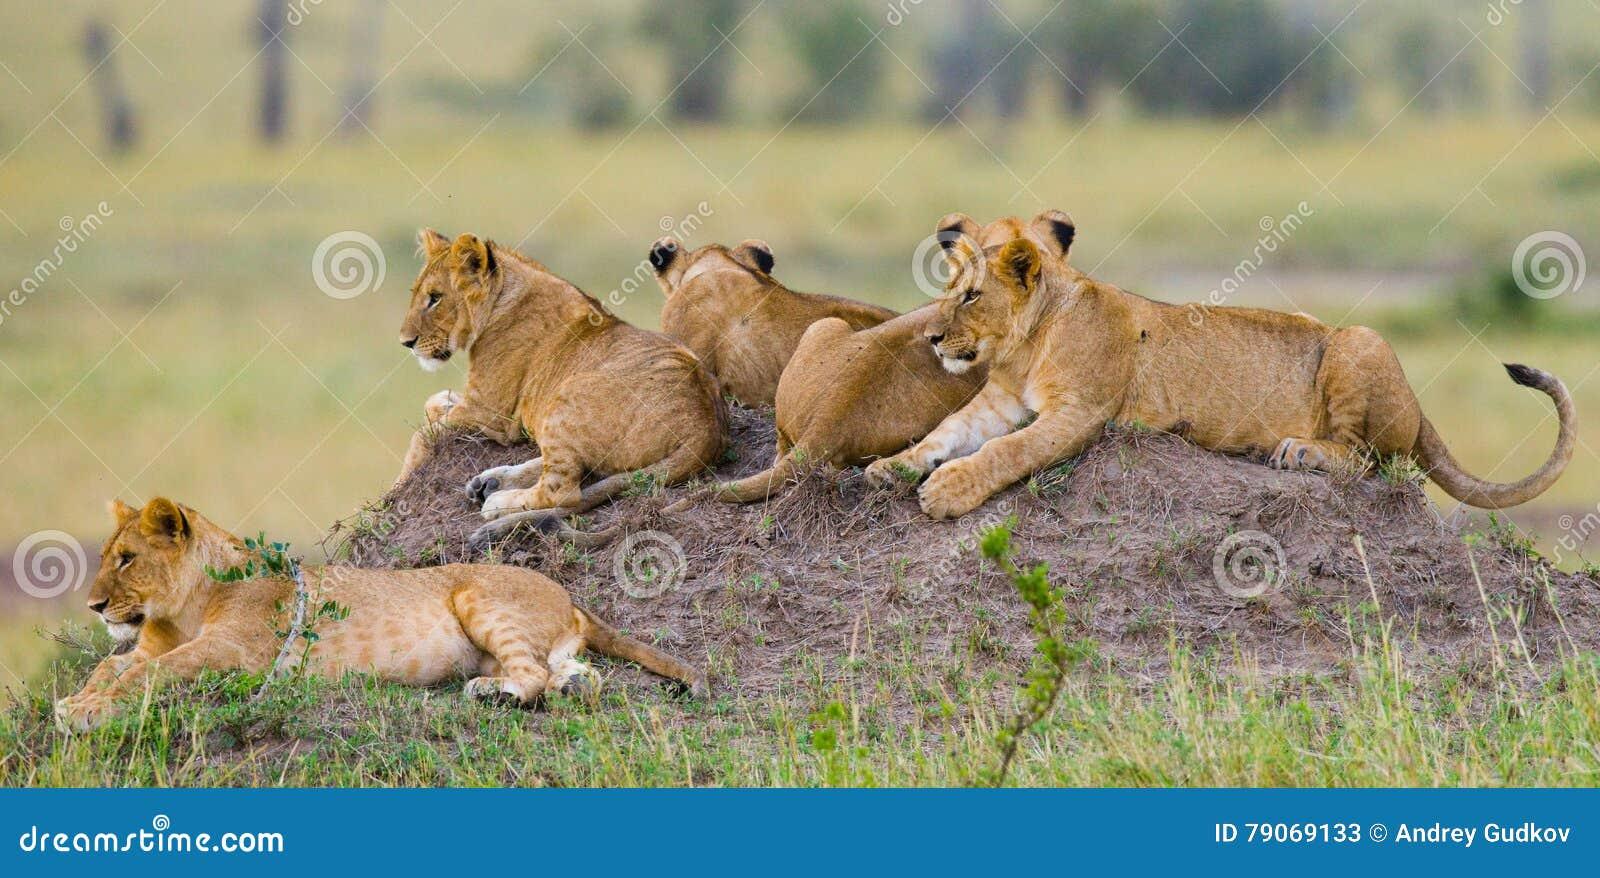 Group of young lions on the hill. National Park. Kenya. Tanzania. Masai Mara. Serengeti.